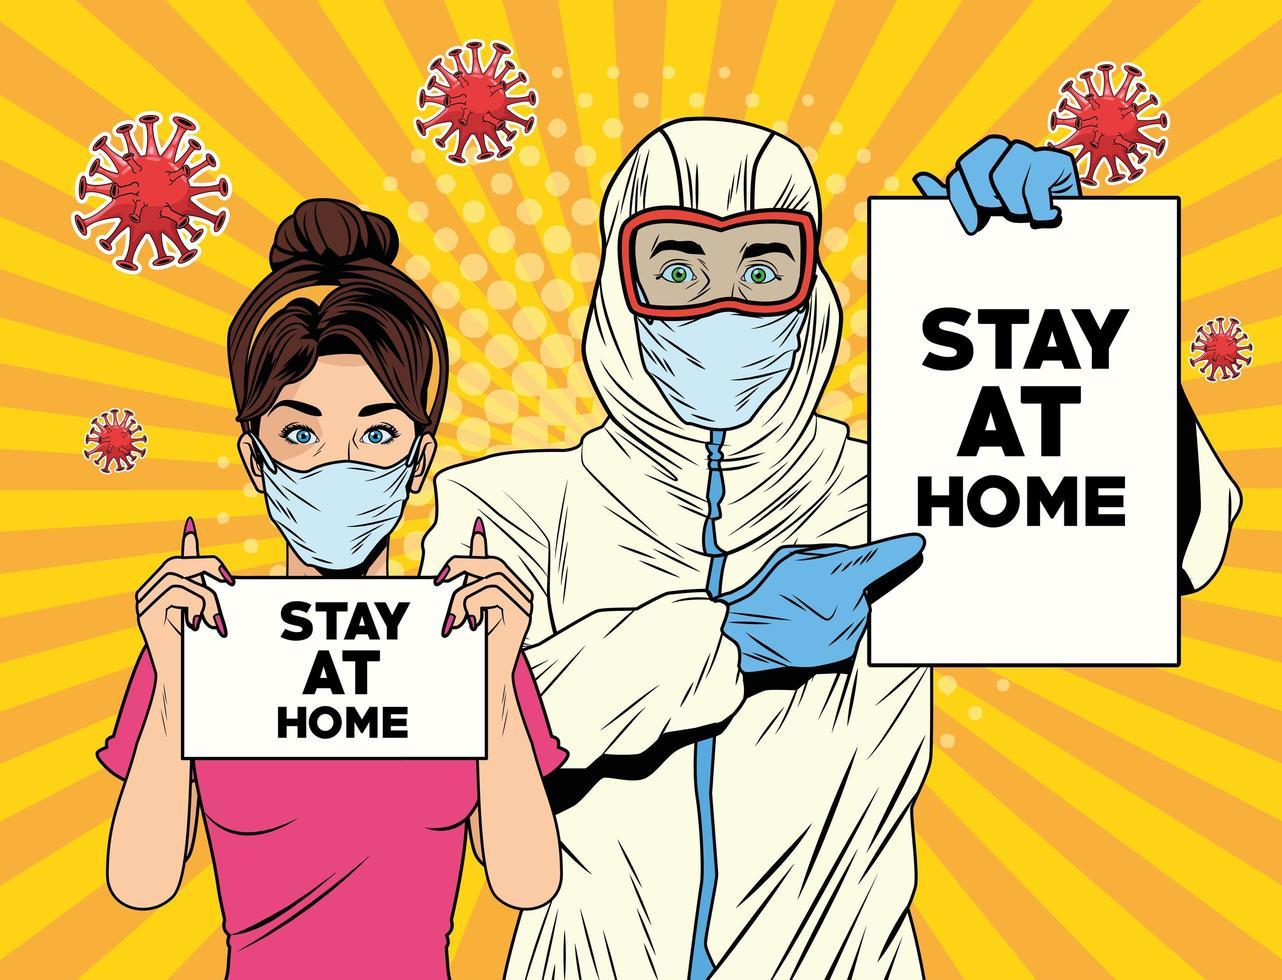 vrouw en een man met bioveiligheidspak vector